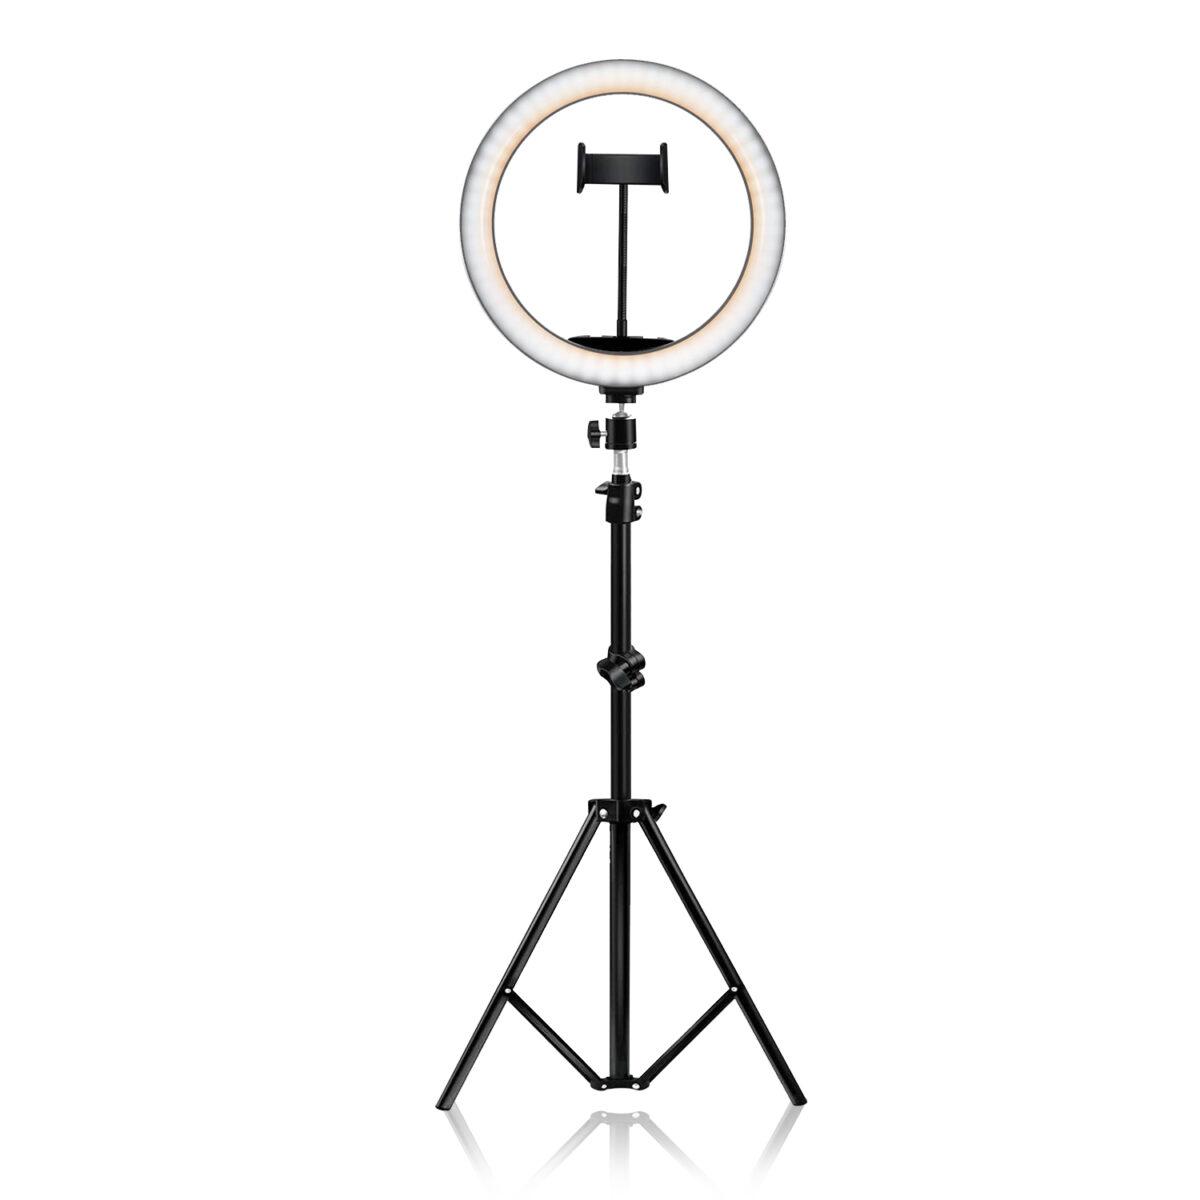 """חצובה רצפתית טלסקופית עם רינג תאורה 26 ס""""מ"""